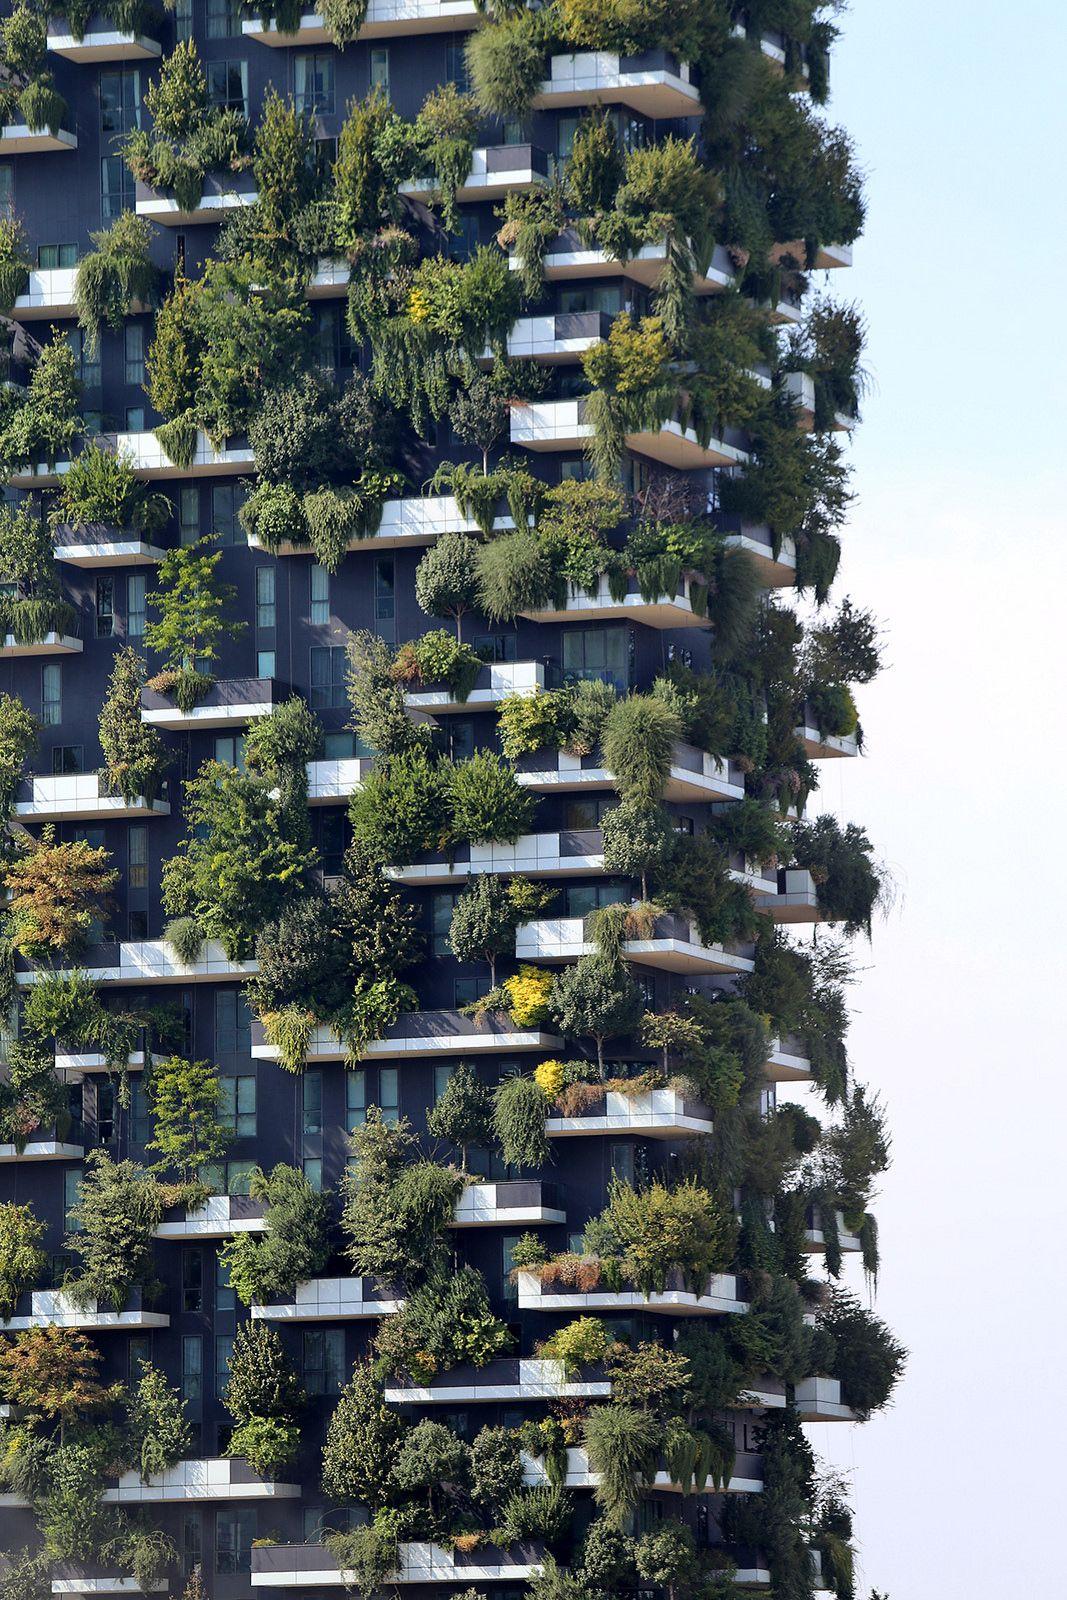 Bosco Verticale Milano Green Facade Green Architecture Futuristic Architecture